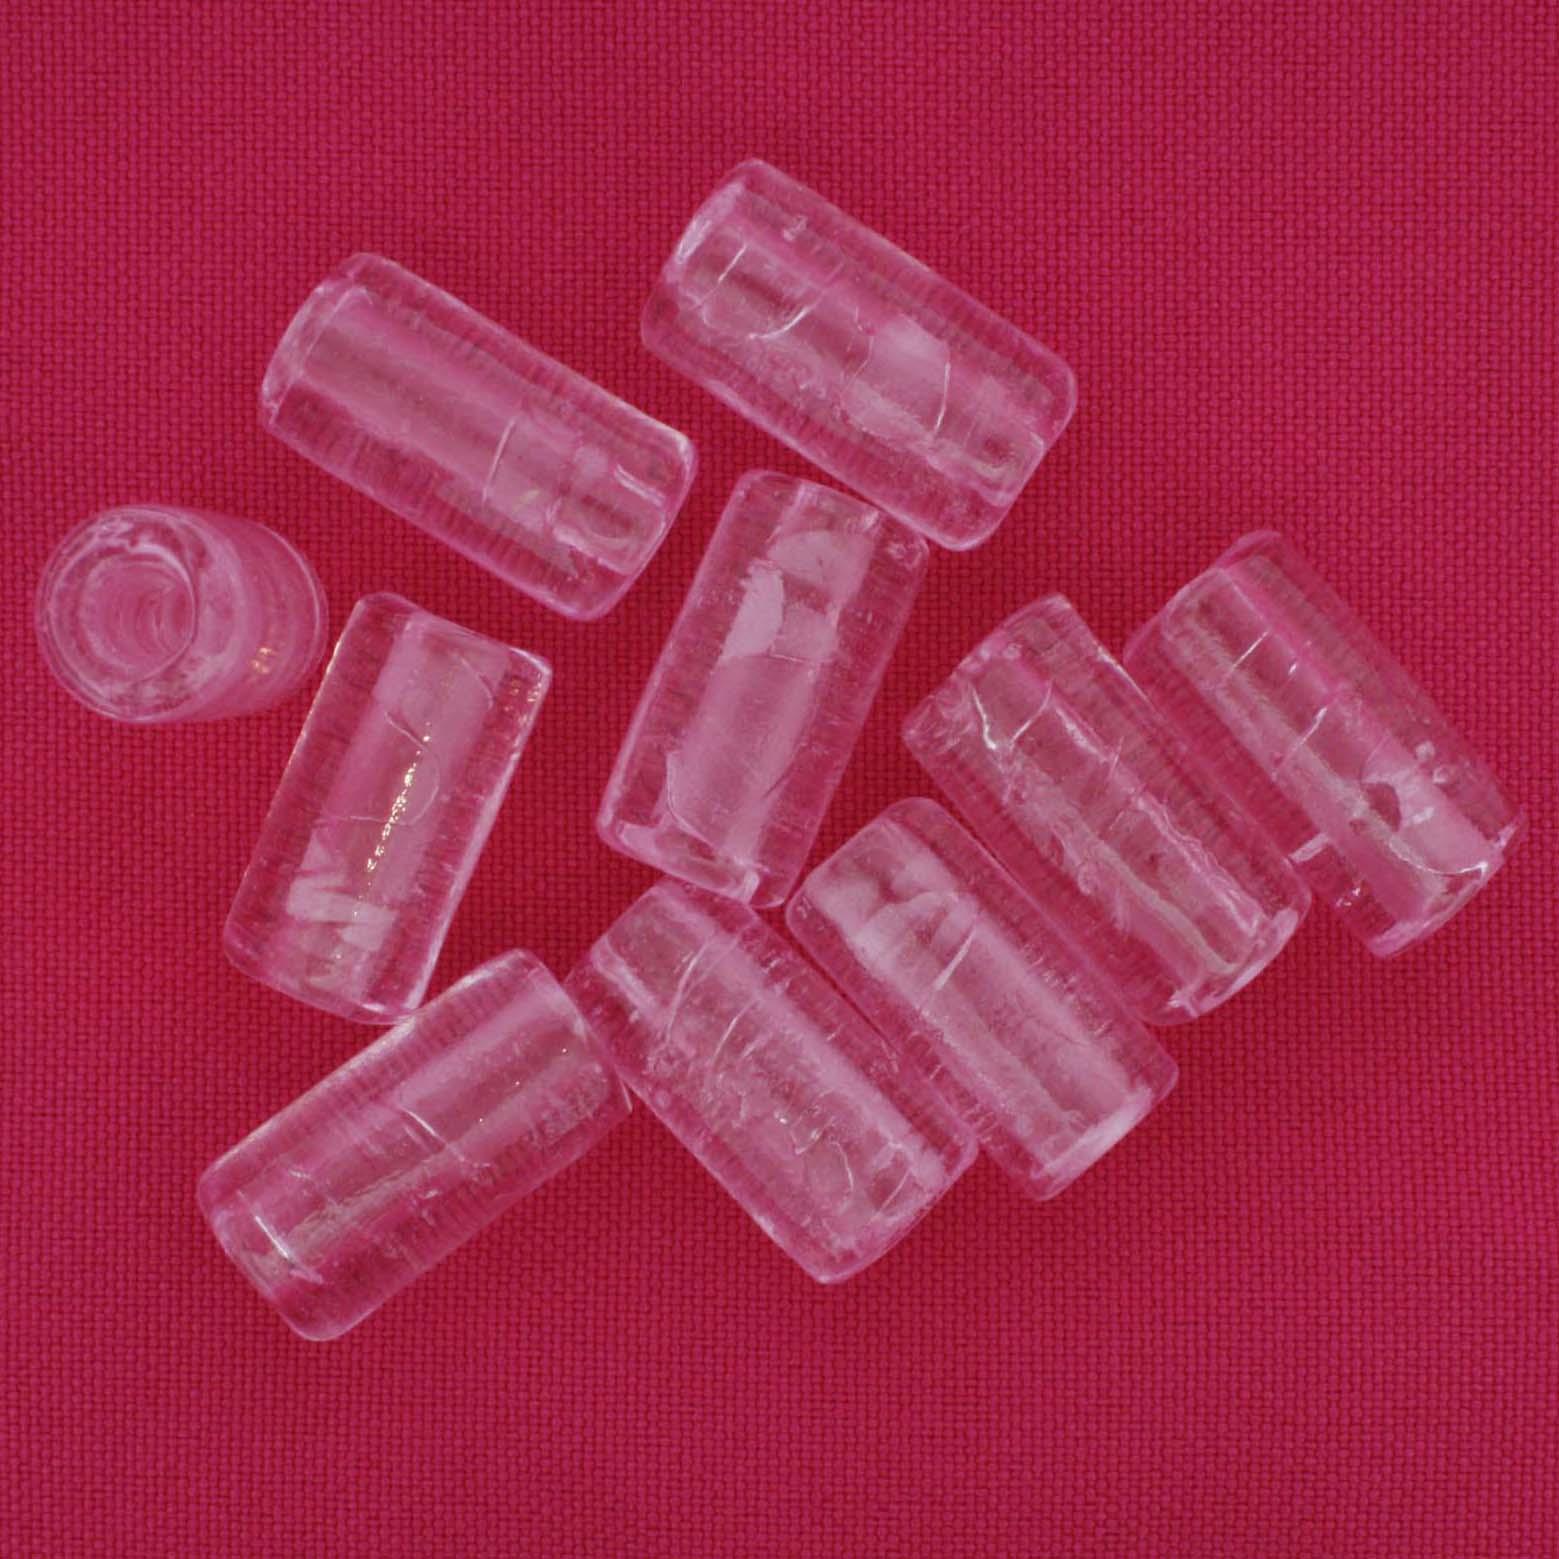 Firma Lisa - Rosa Transparente  - Stéphanie Bijoux® - Peças para Bijuterias e Artesanato